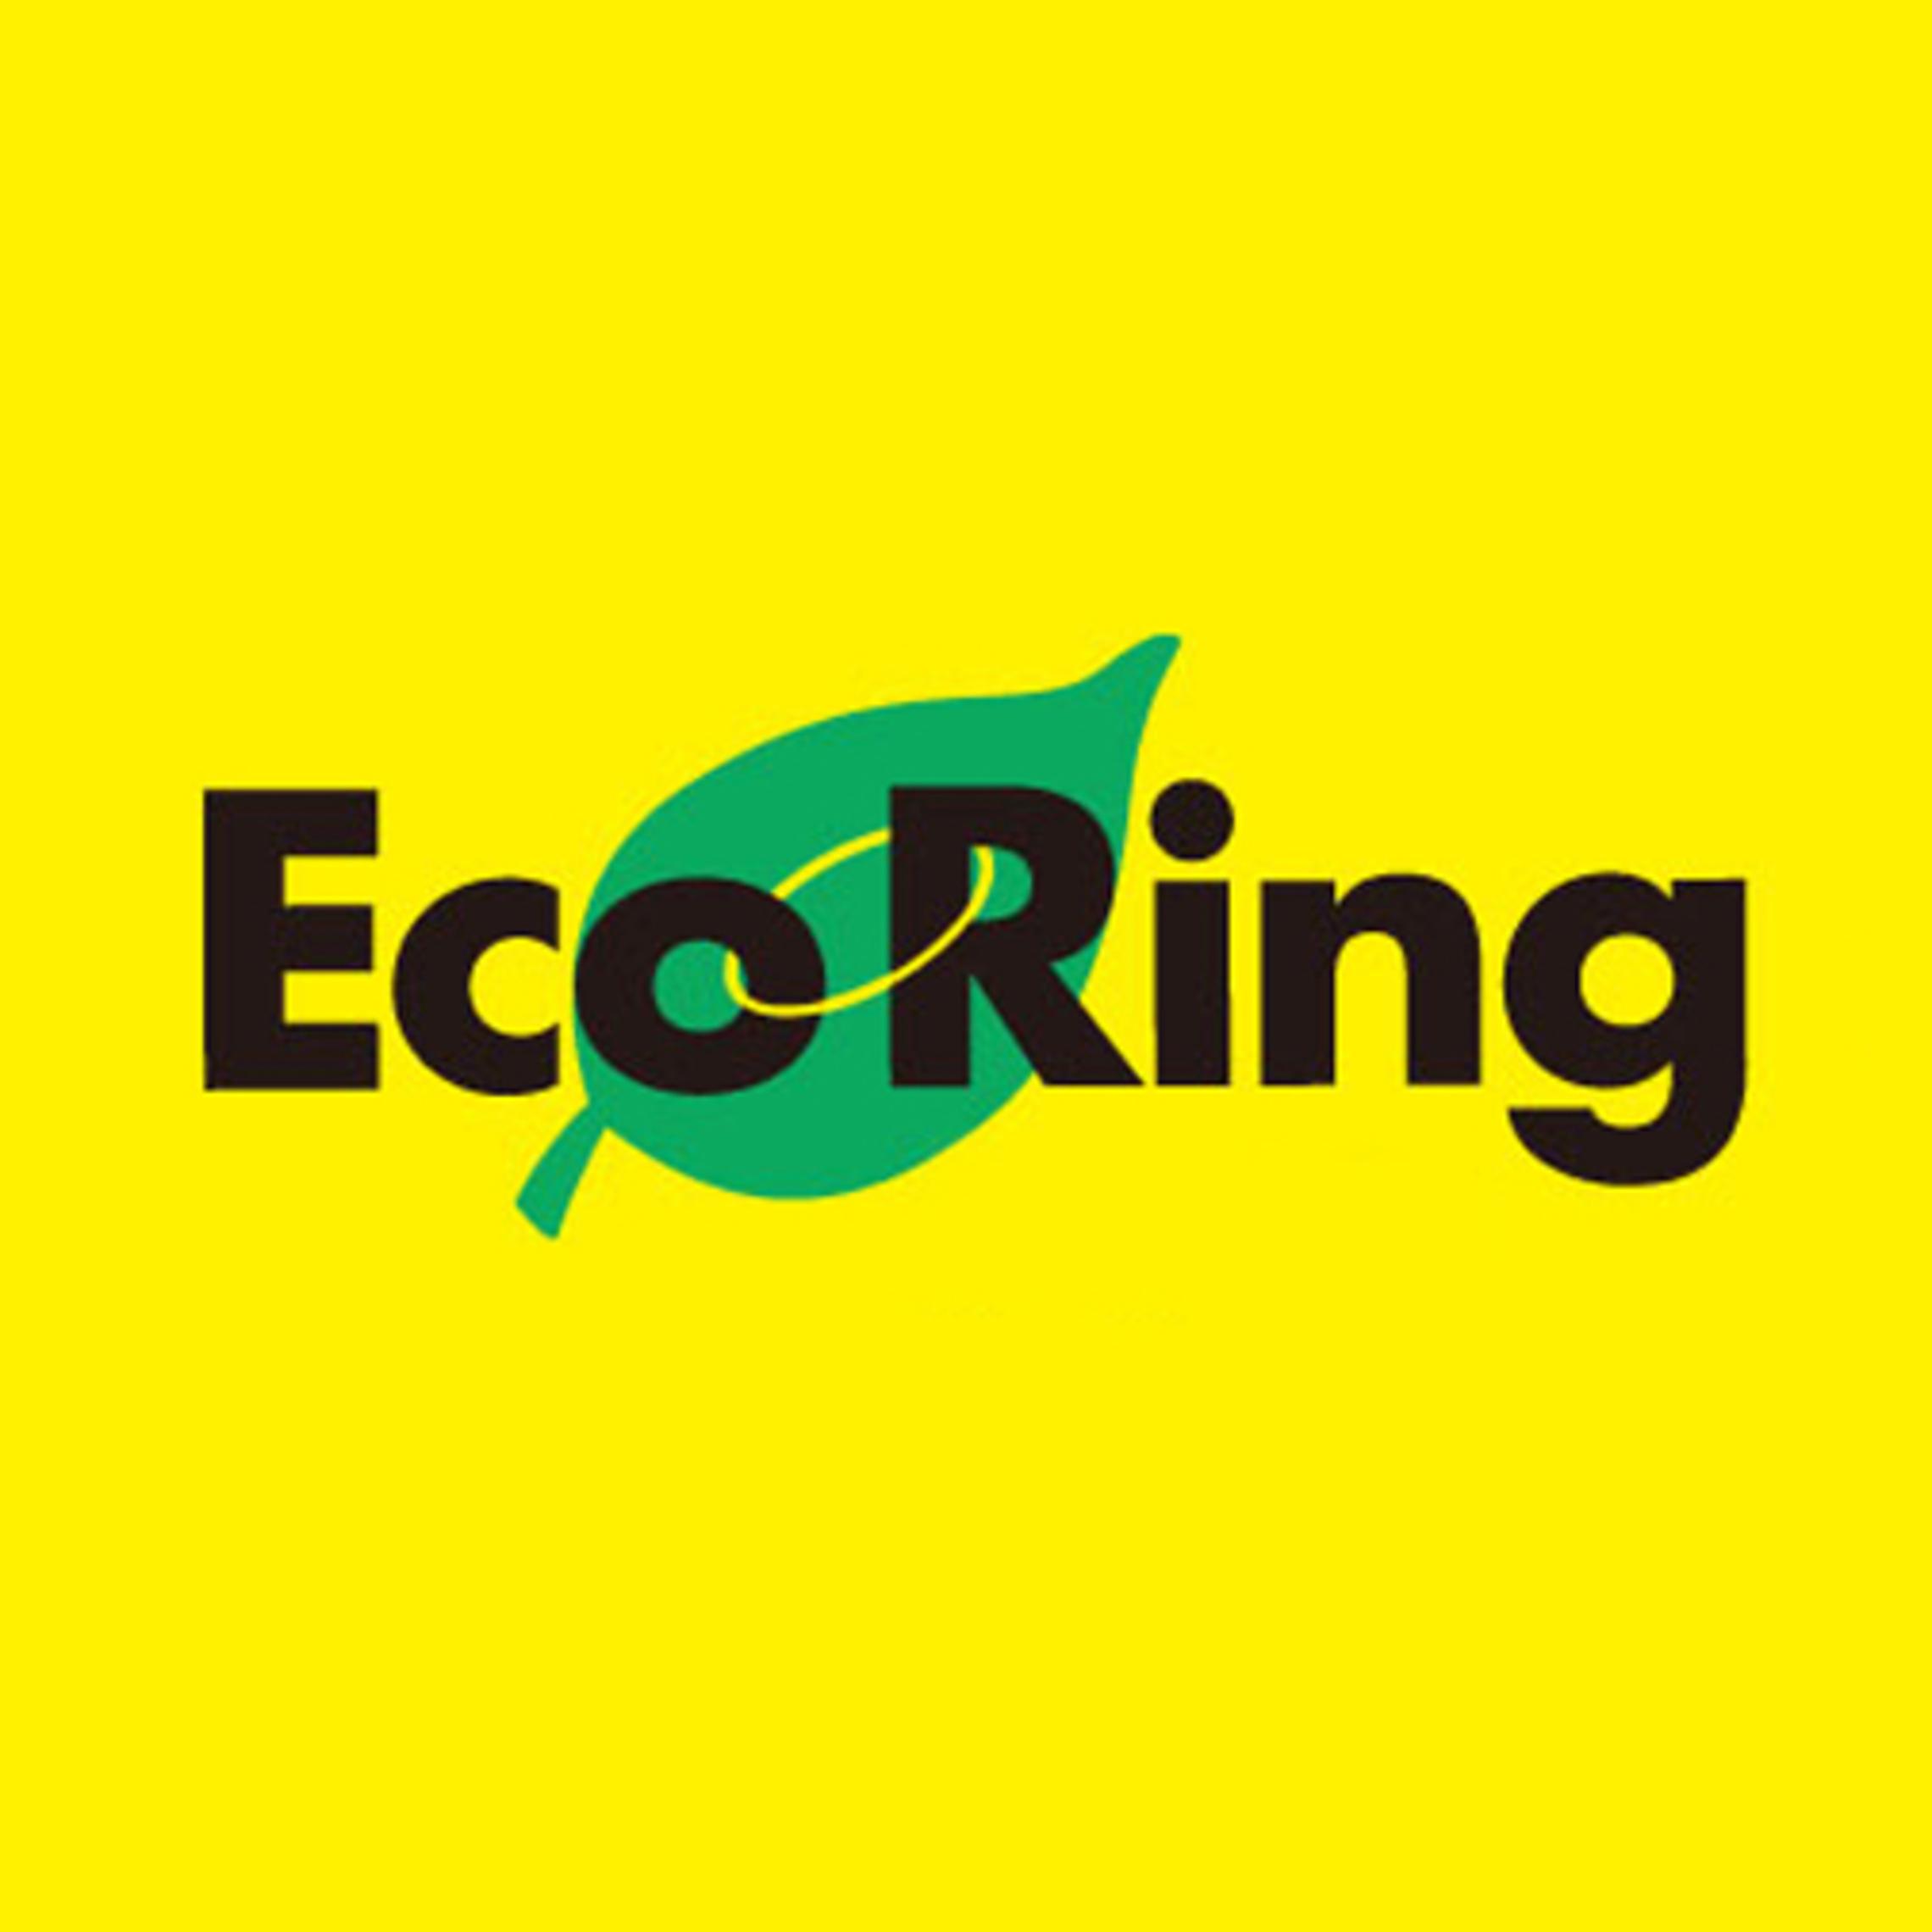 eco ring japan- company logo